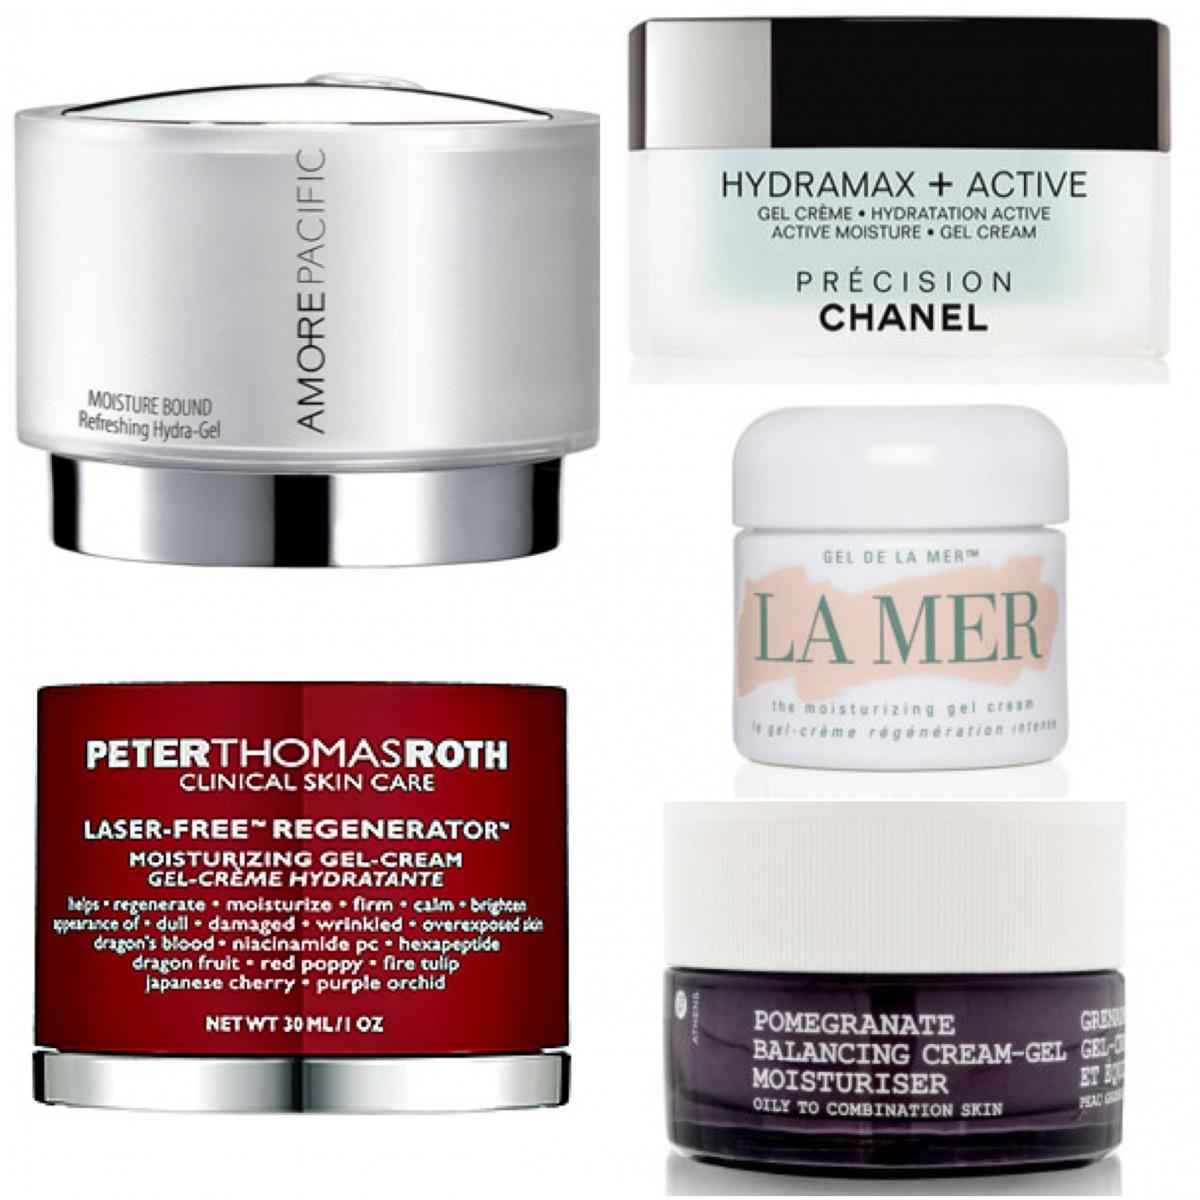 gel_cream_moisturizers